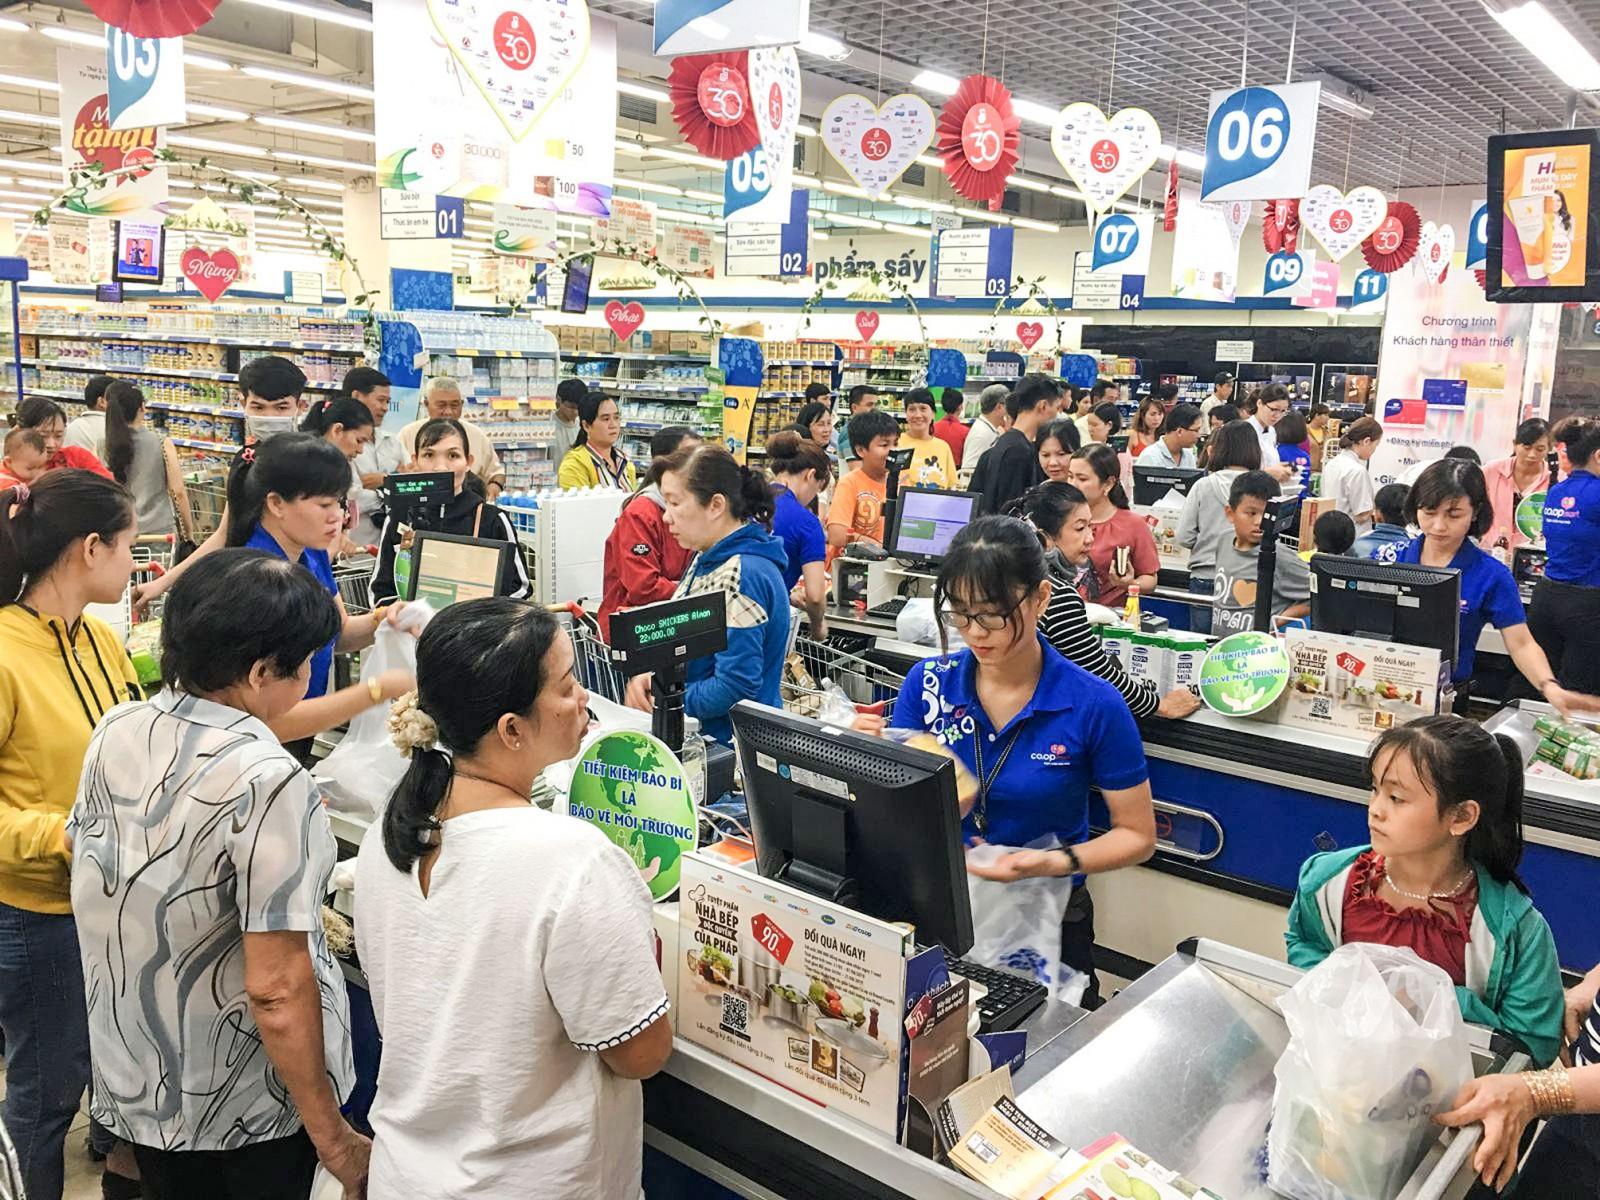 Khách hàng mua sắm tại Siêu thị Co.opmart Cần Thơ.